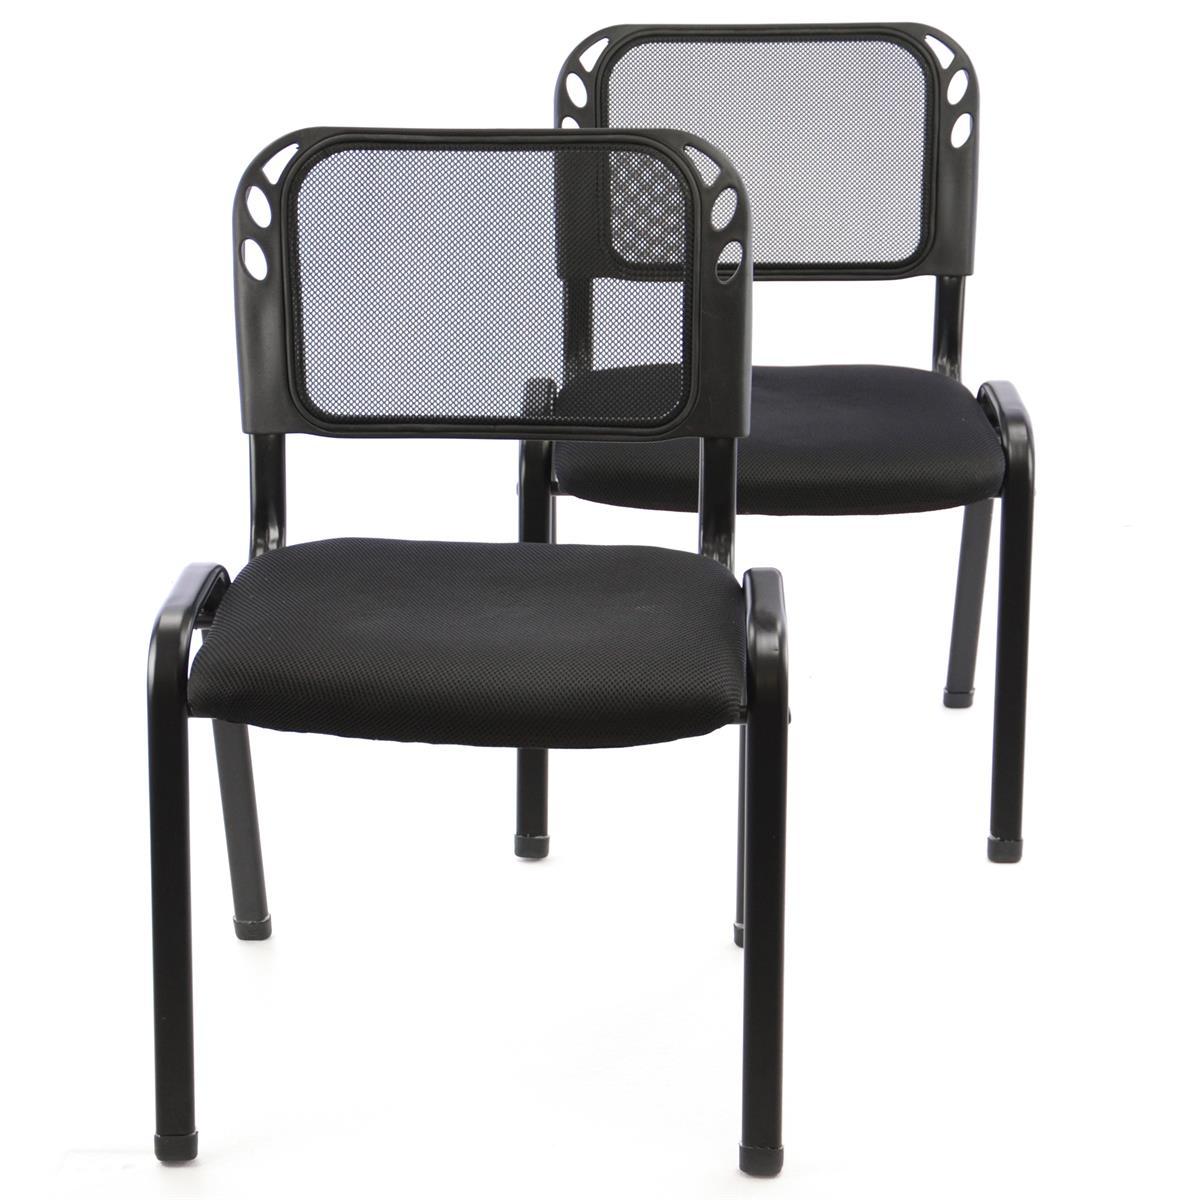 Besucherstuhl 2er Set Bürostuhl Konferenzstuhl Sitzfläche Schwarz gepolstert